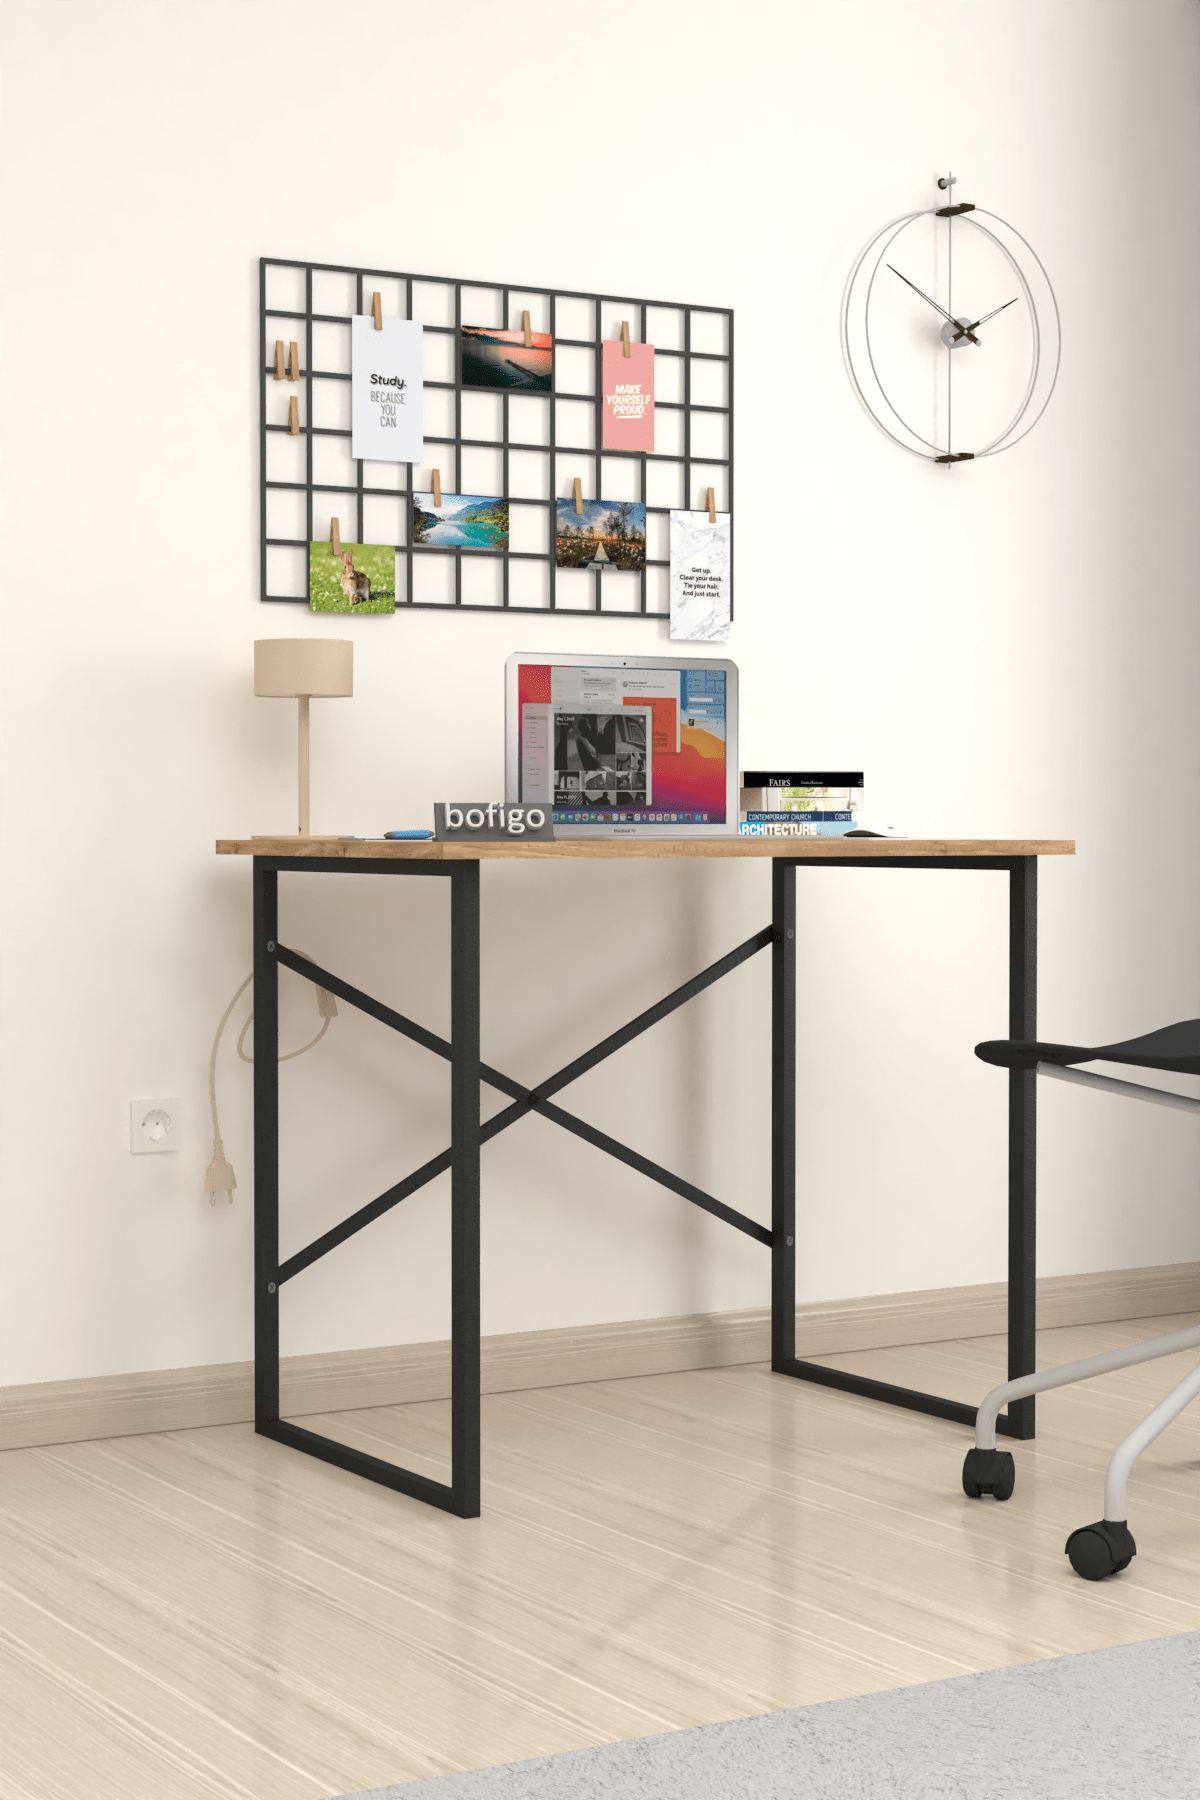 Bofigo Çam Çalışma Masası Laptop Bilgisayar Masası Ofis Ders Yemek Cocuk Masası 60x90 cm 2